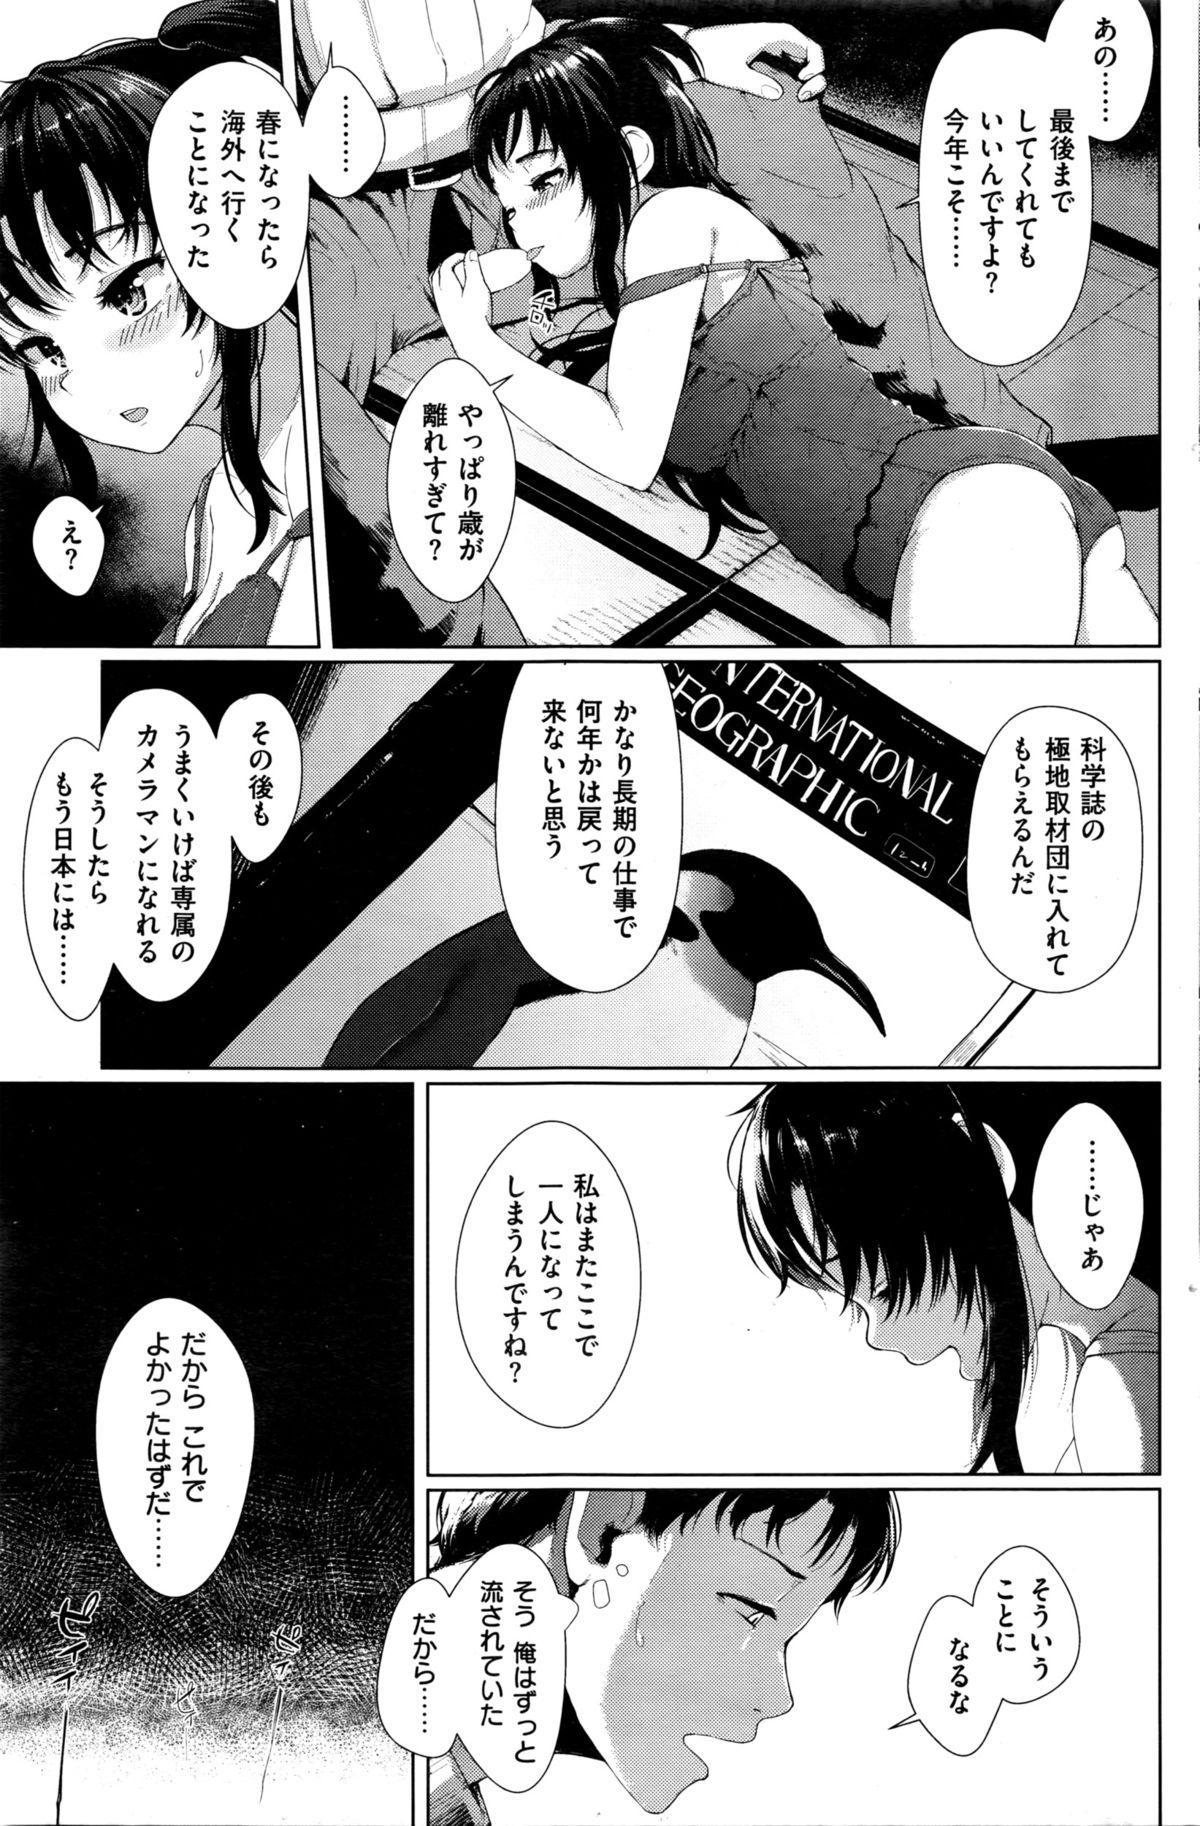 COMIC Kairakuten BEAST 2016-02 131